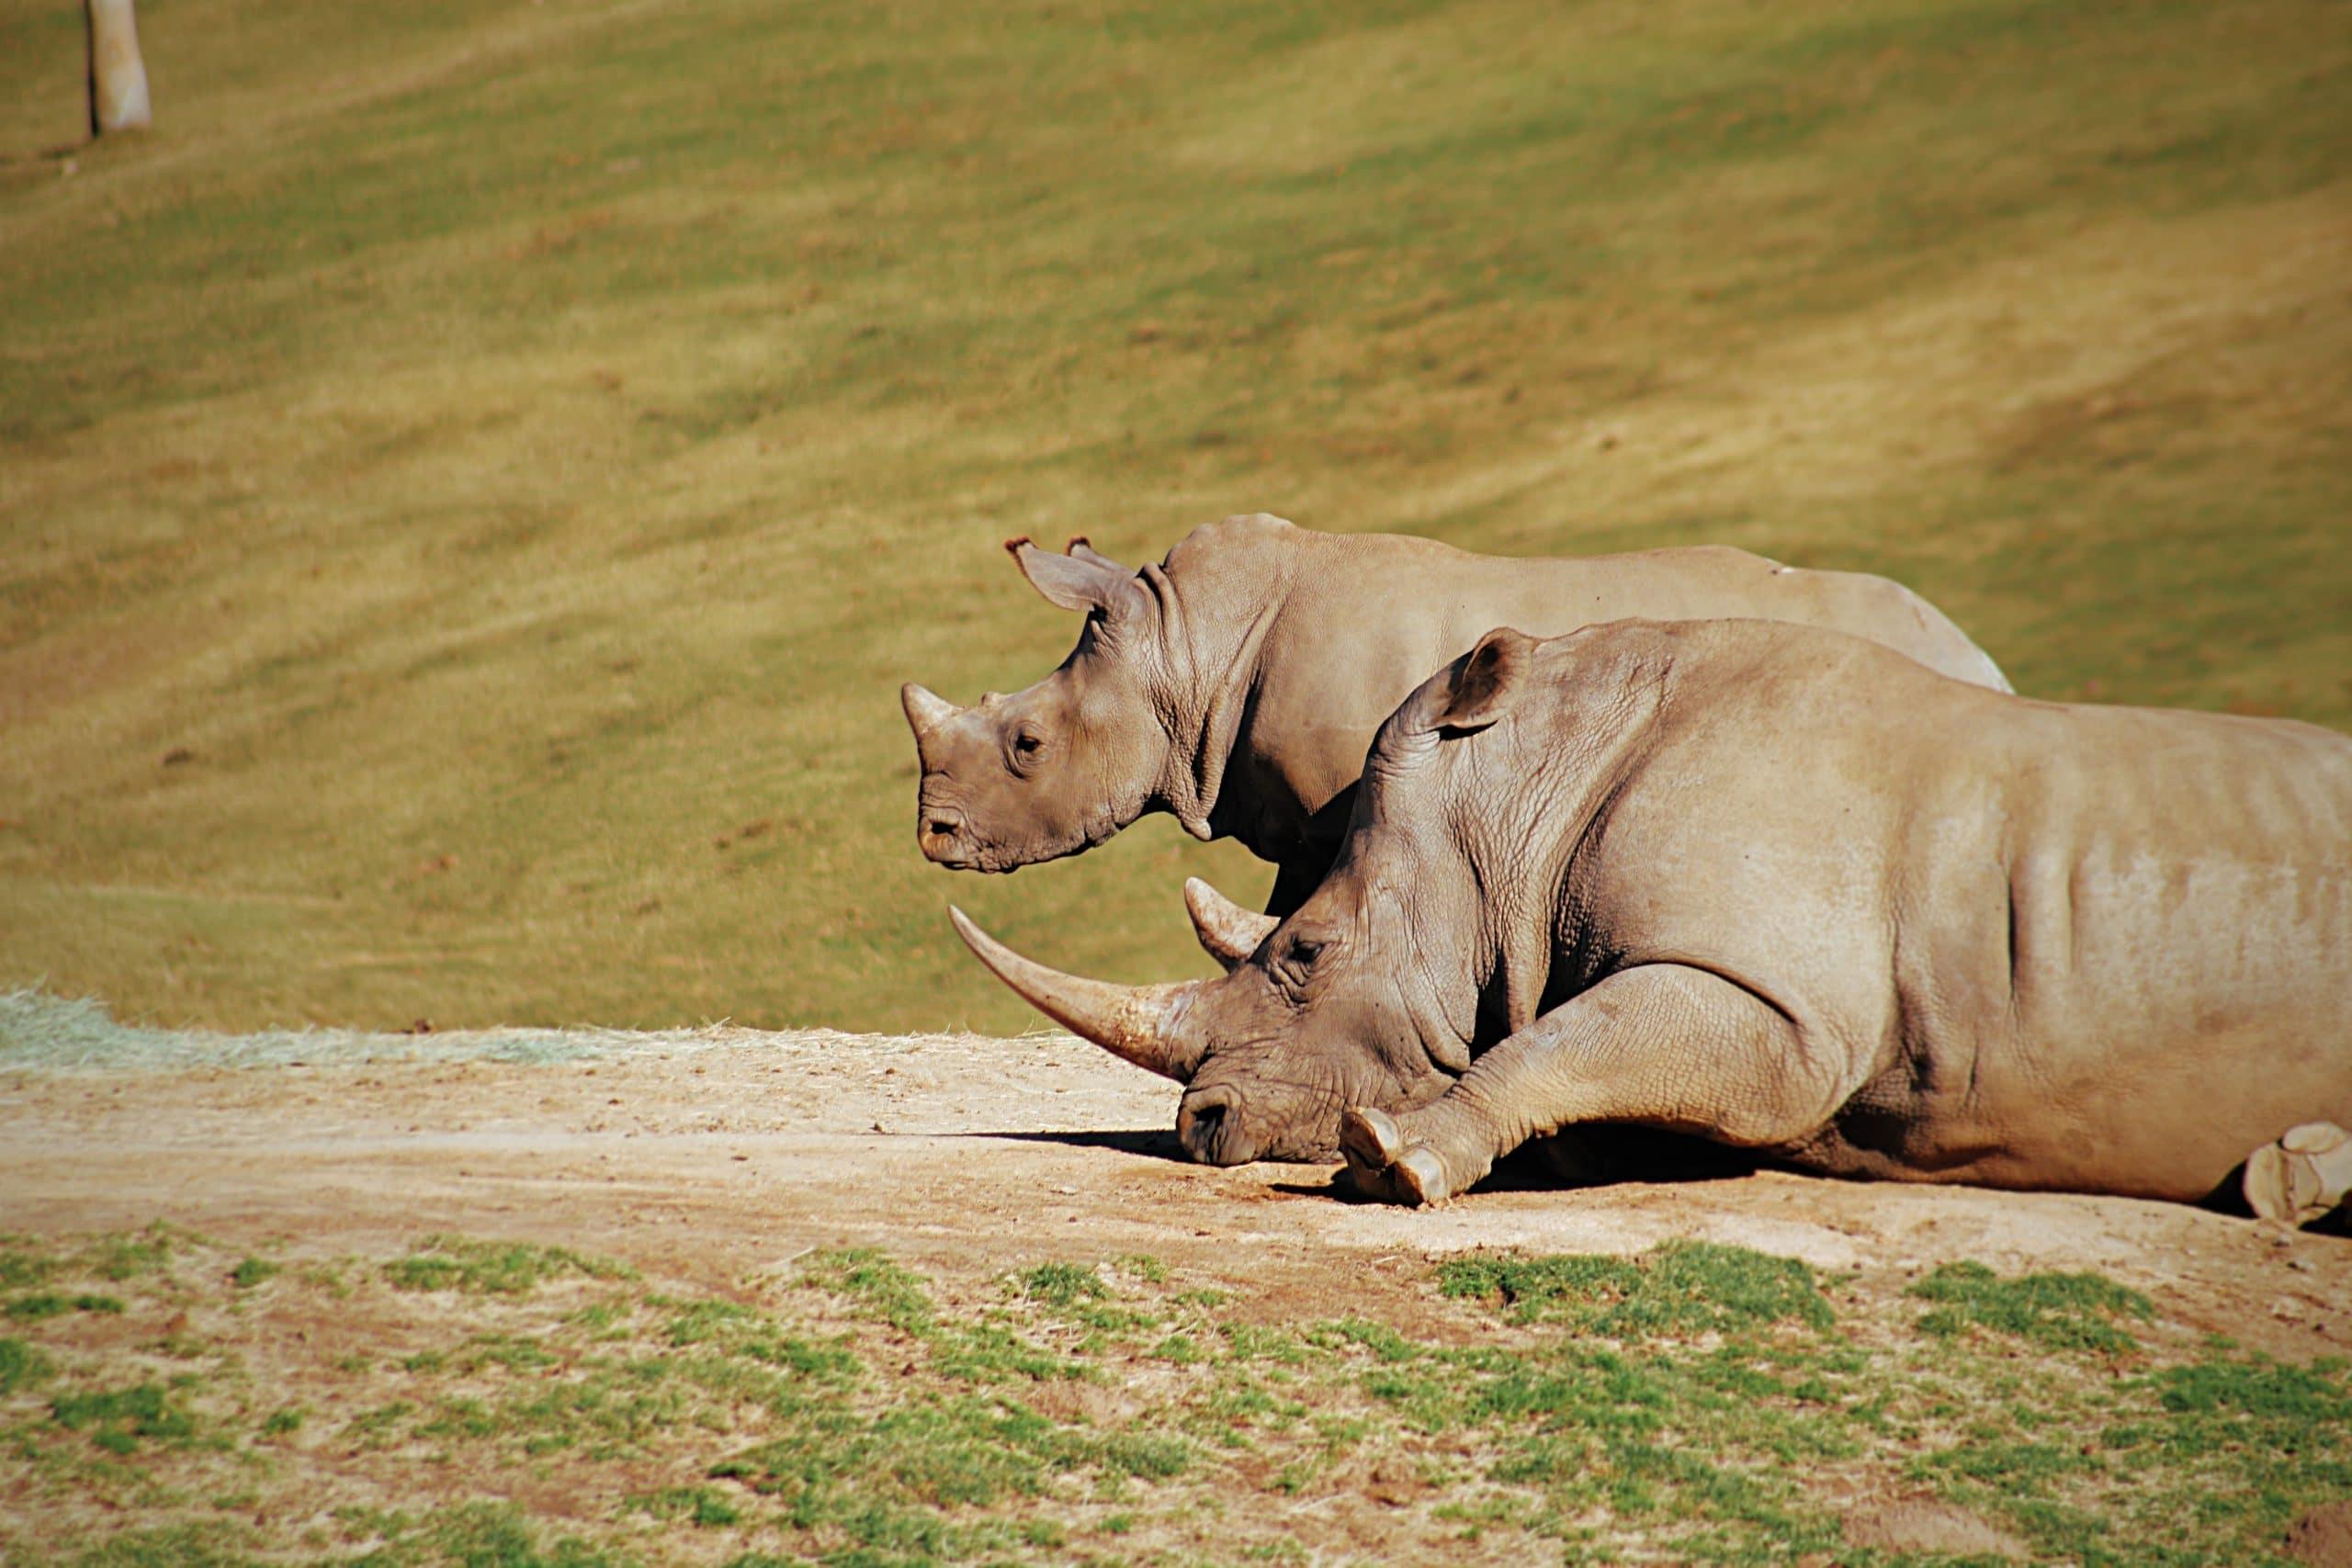 Wildlife Photo of Rhinos